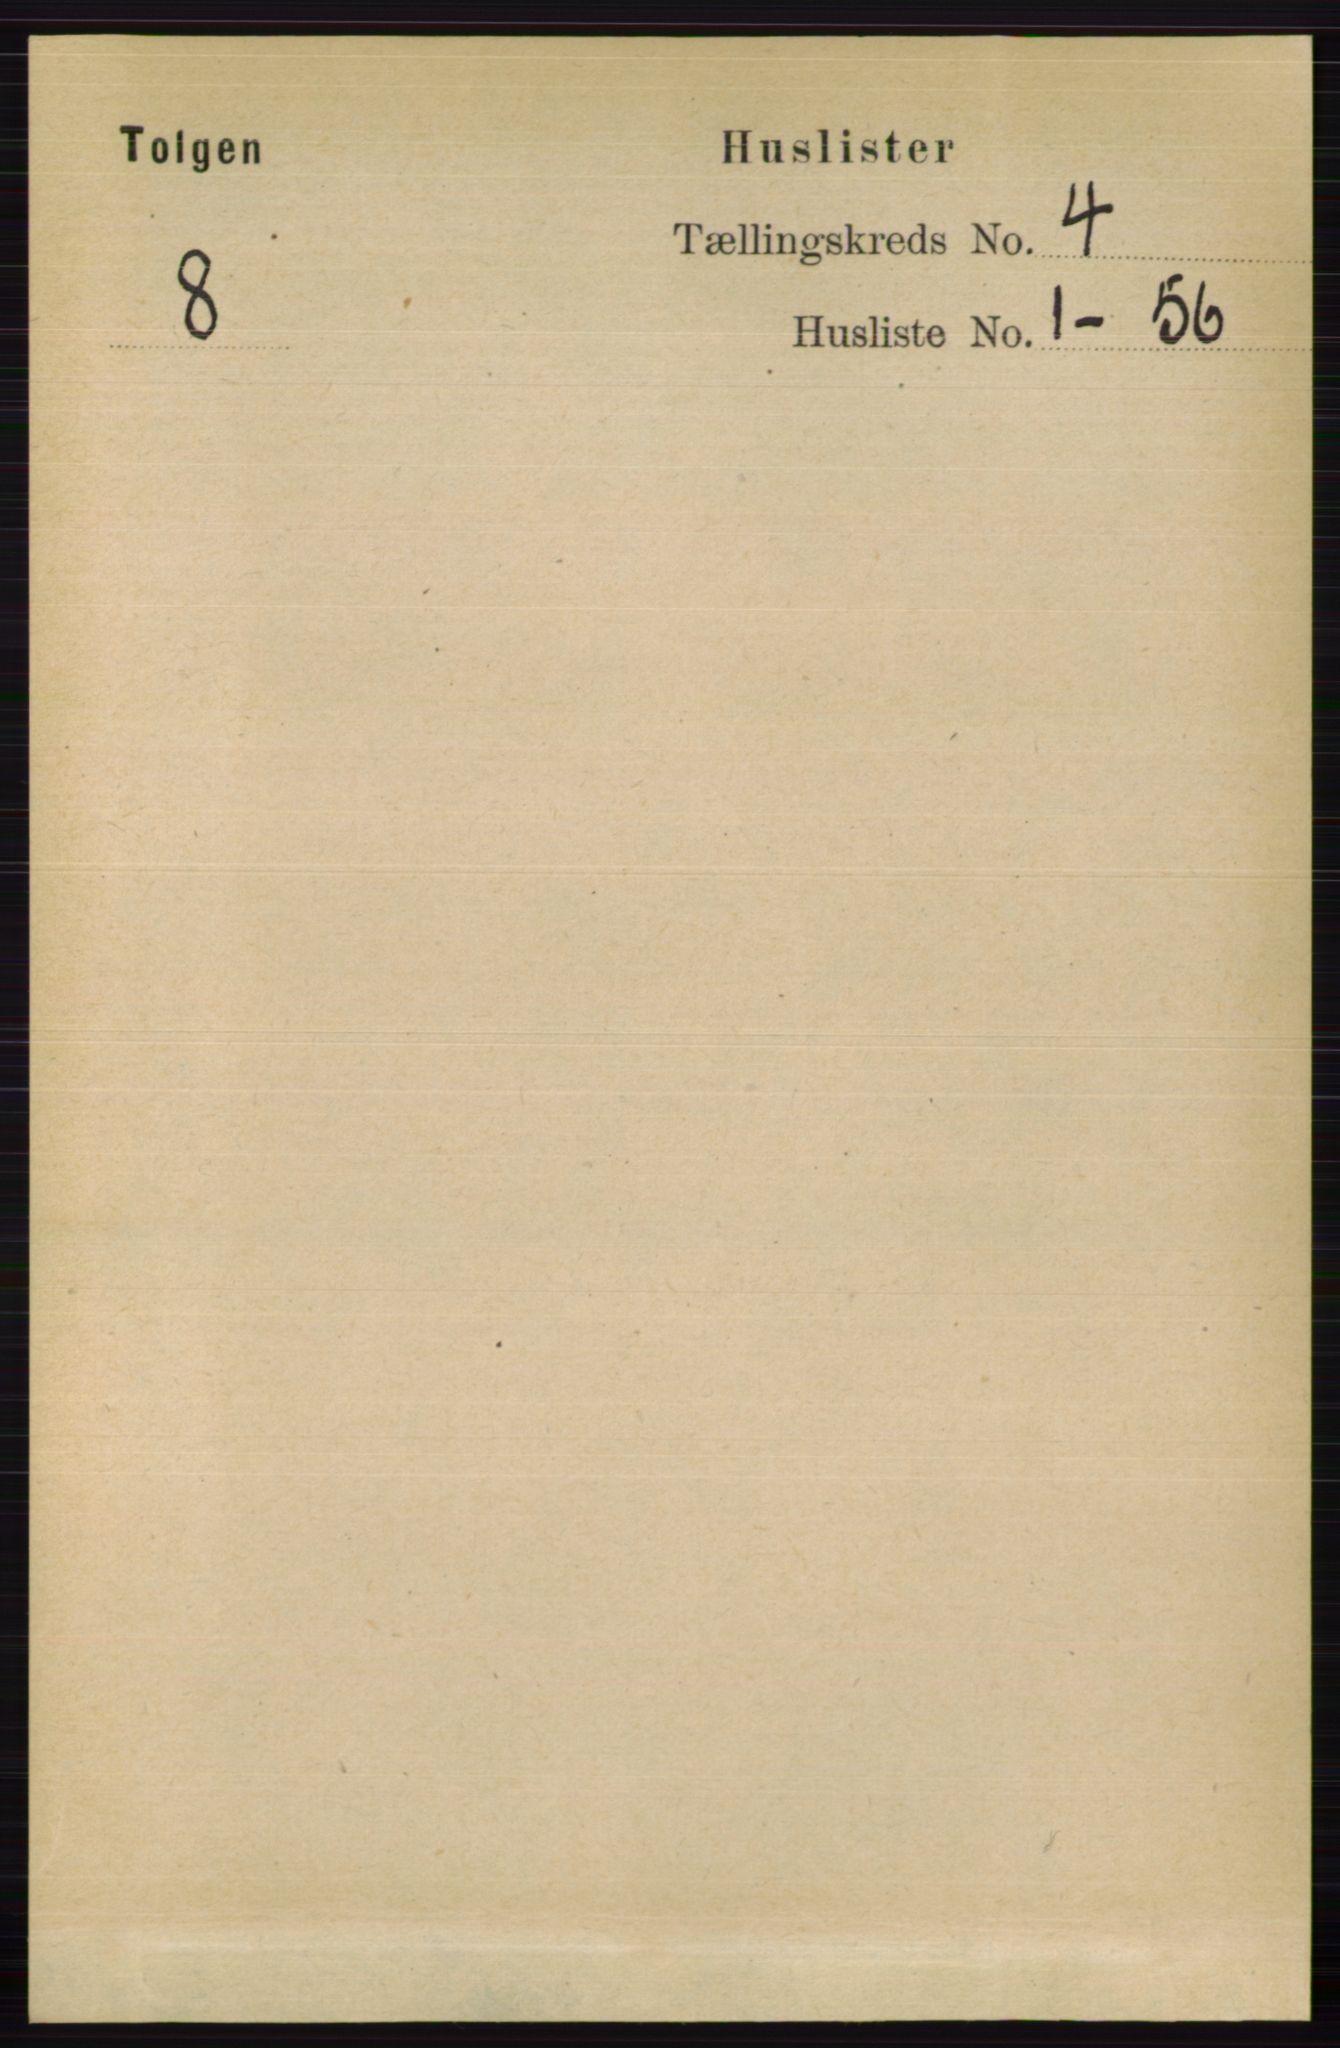 RA, Folketelling 1891 for 0436 Tolga herred, 1891, s. 814